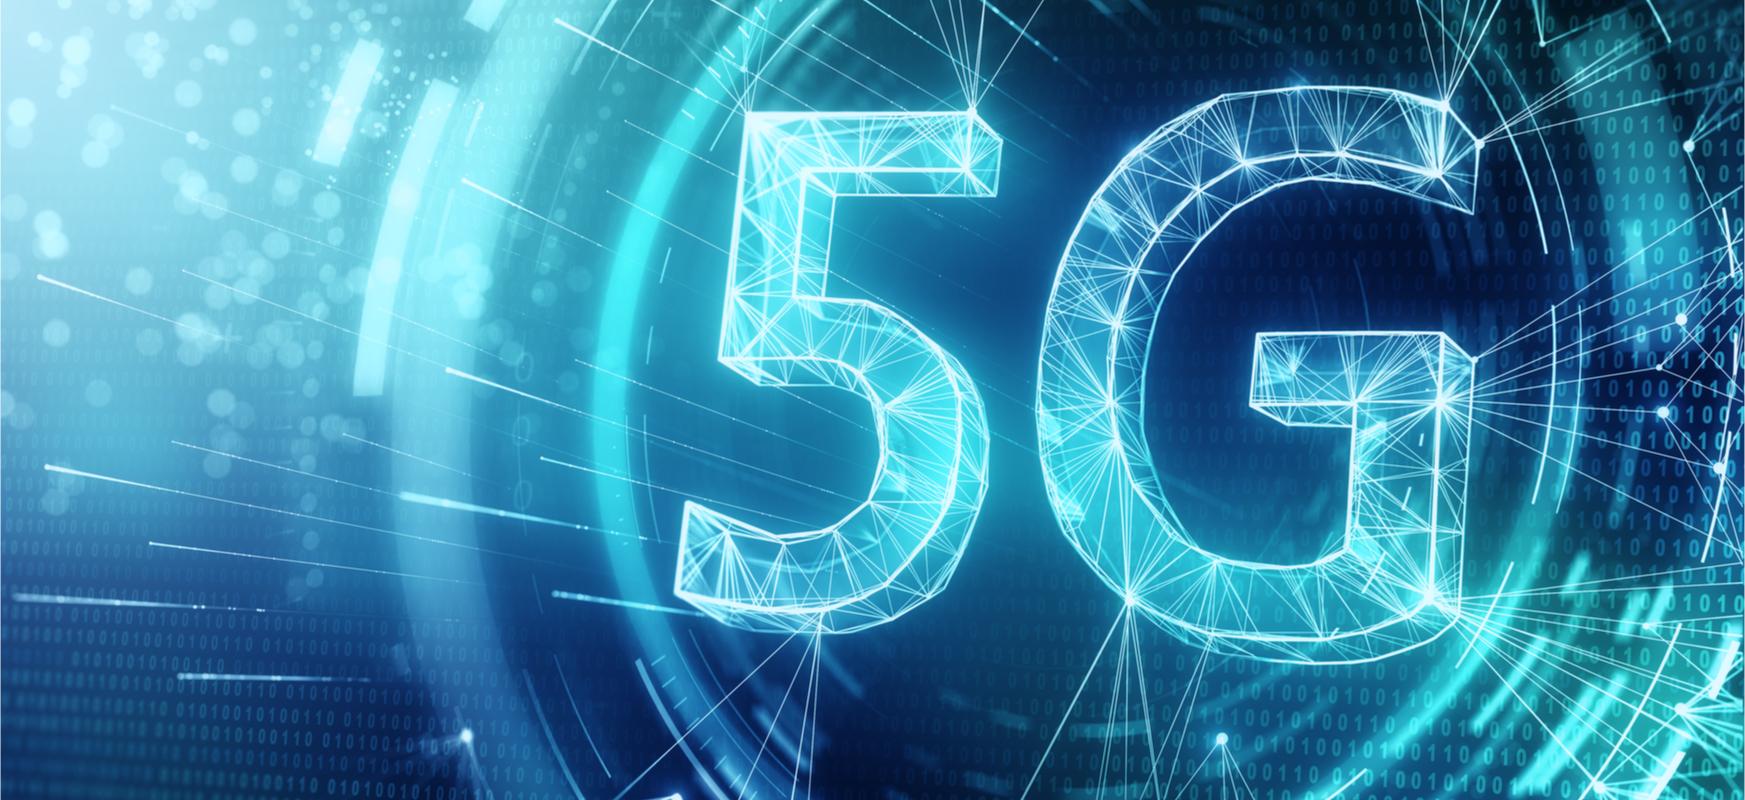 Nola funtzionatzen du 5G sarea?  Plus laborategiak bisitatu genituen